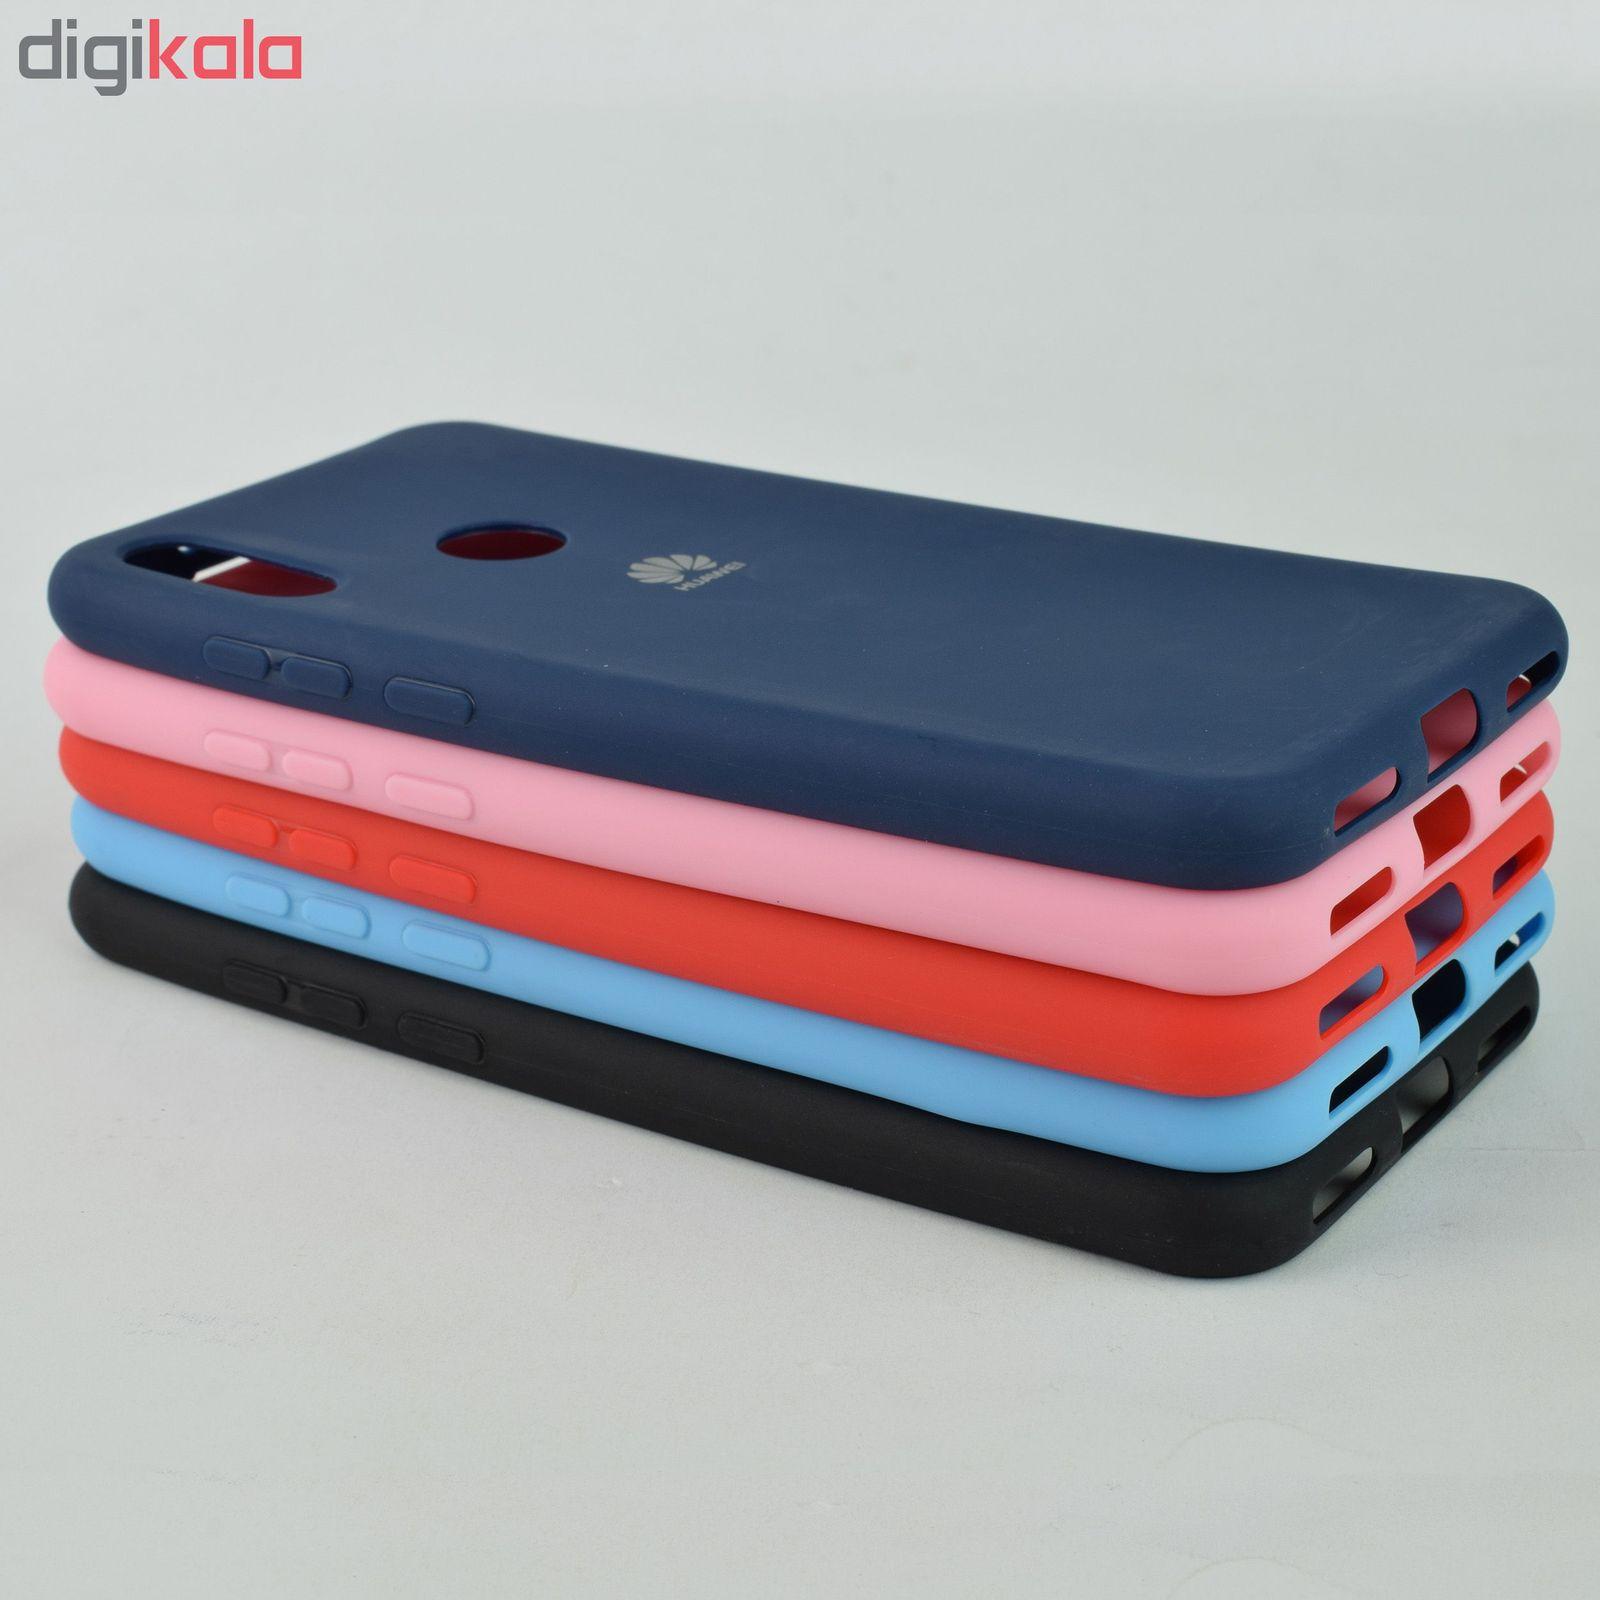 کاور مدل SC20 مناسب برای گوشی موبایل هوآوی Y6 Prime 2019 main 1 1